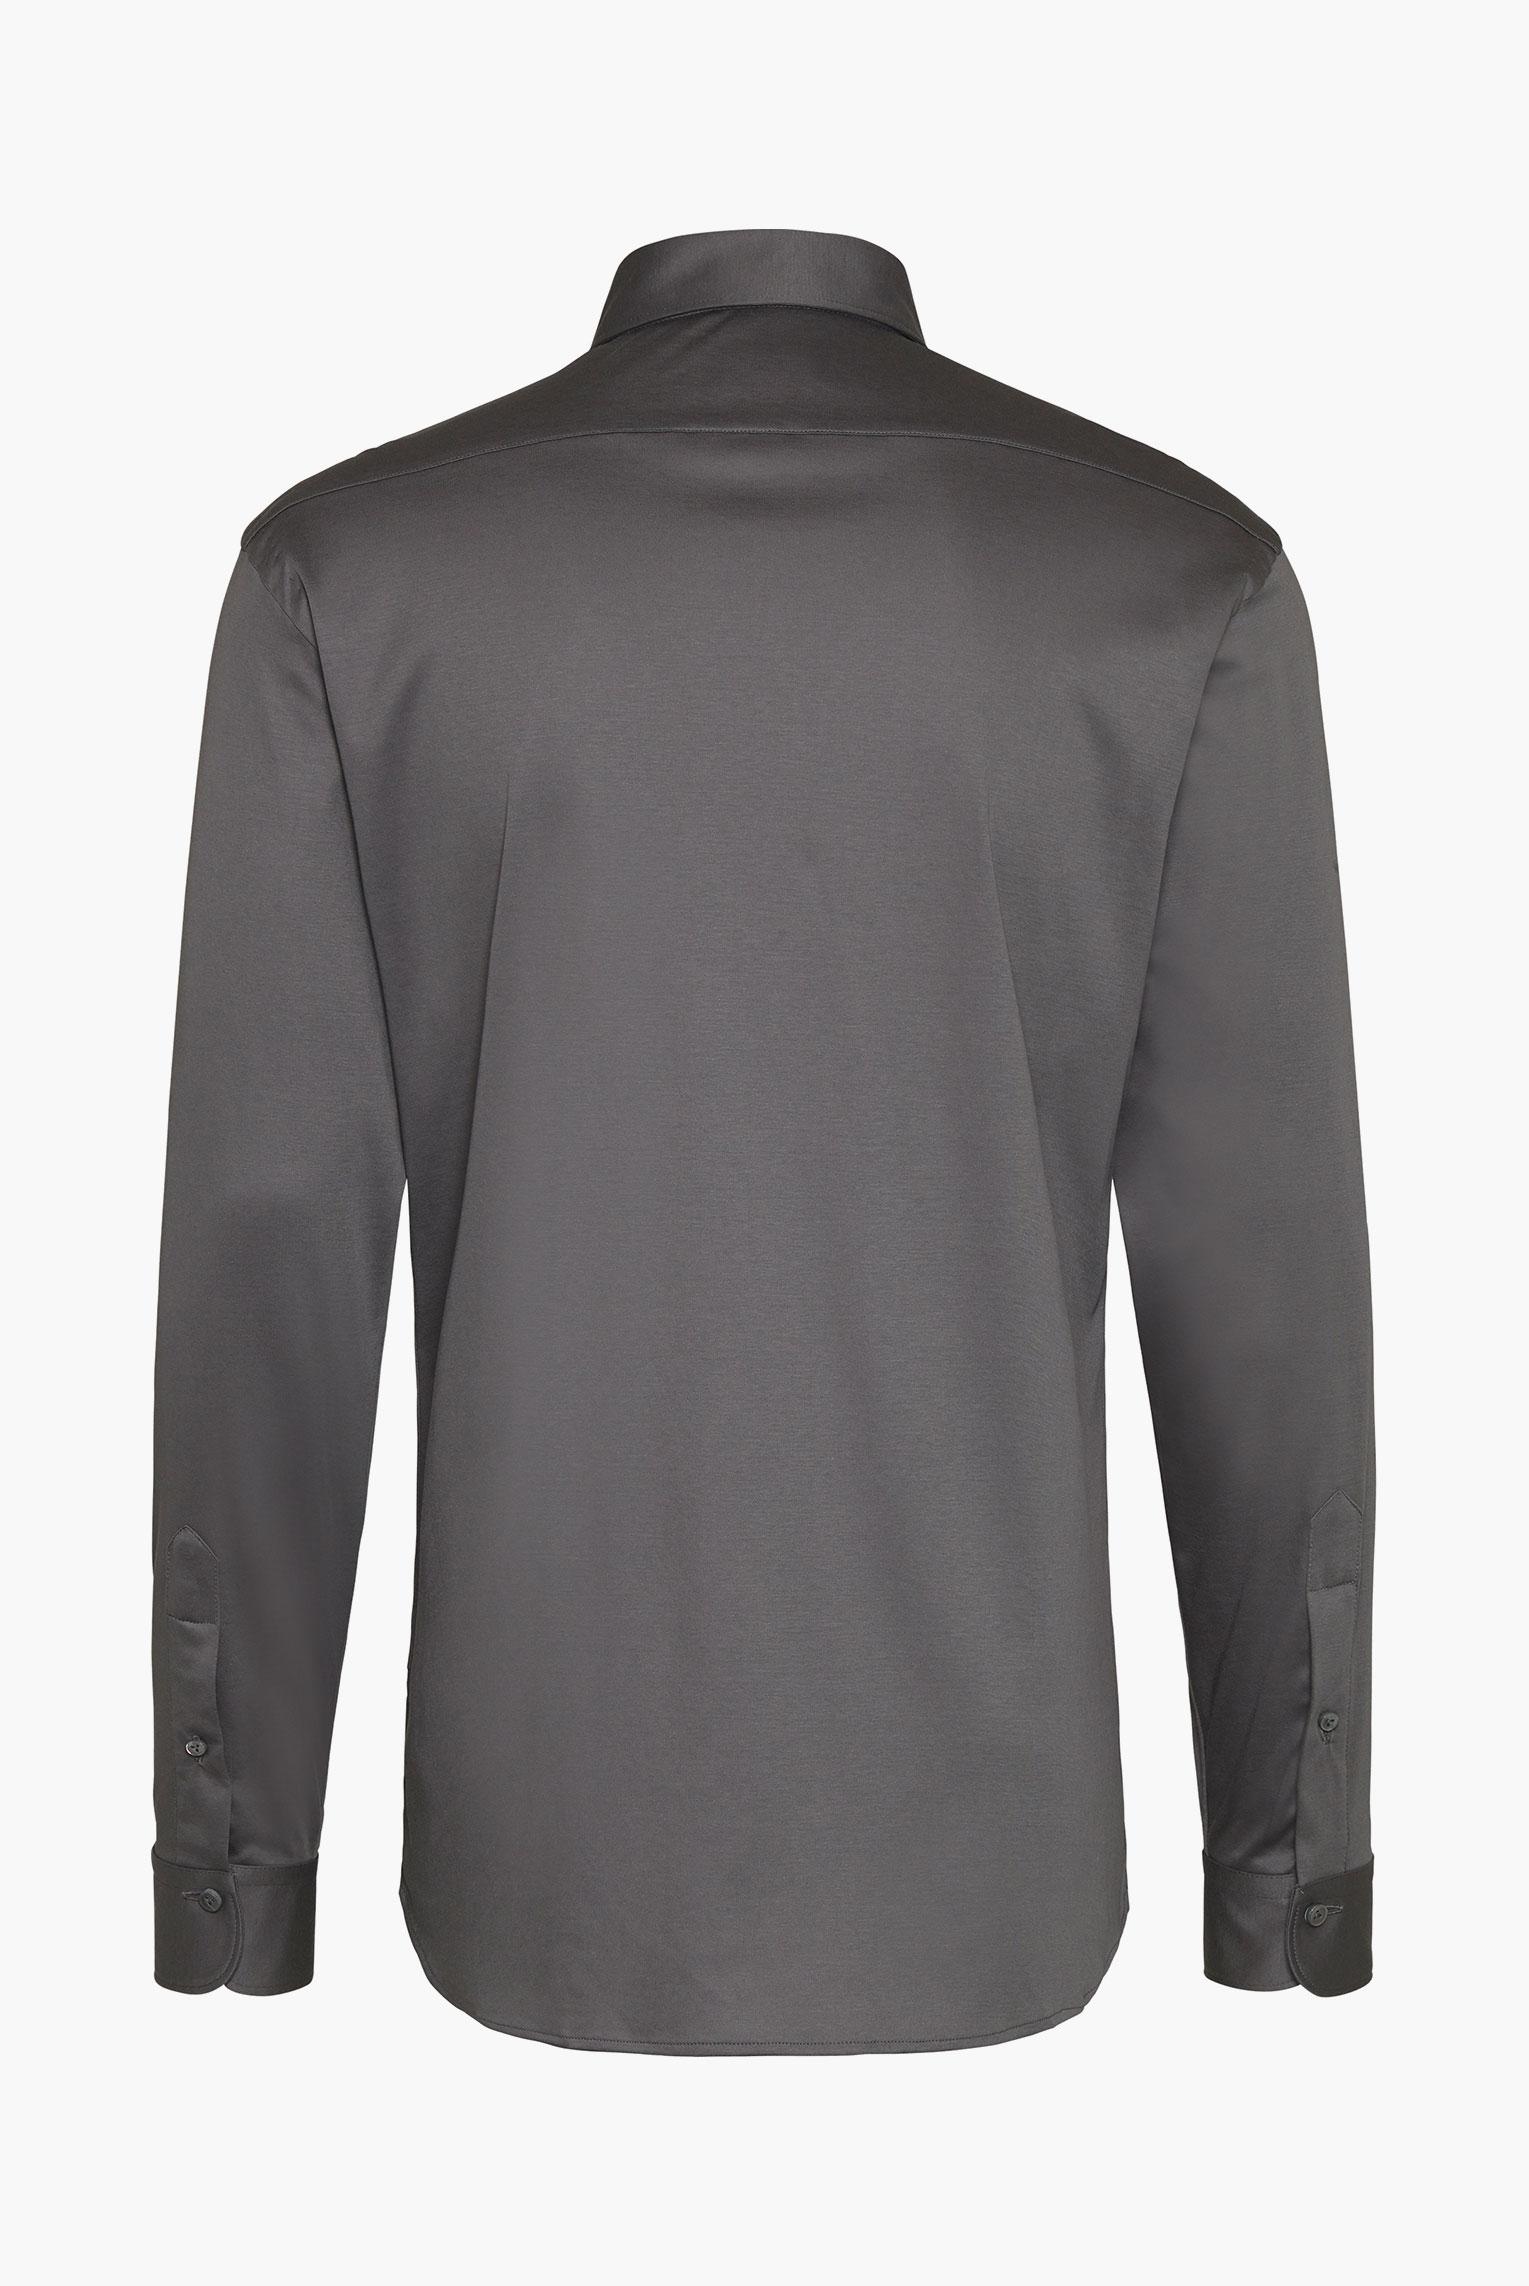 Jersey Shirts+Luxurious swiss cotton jersey shirt gray+20.1683.UC.180031.070.X4L